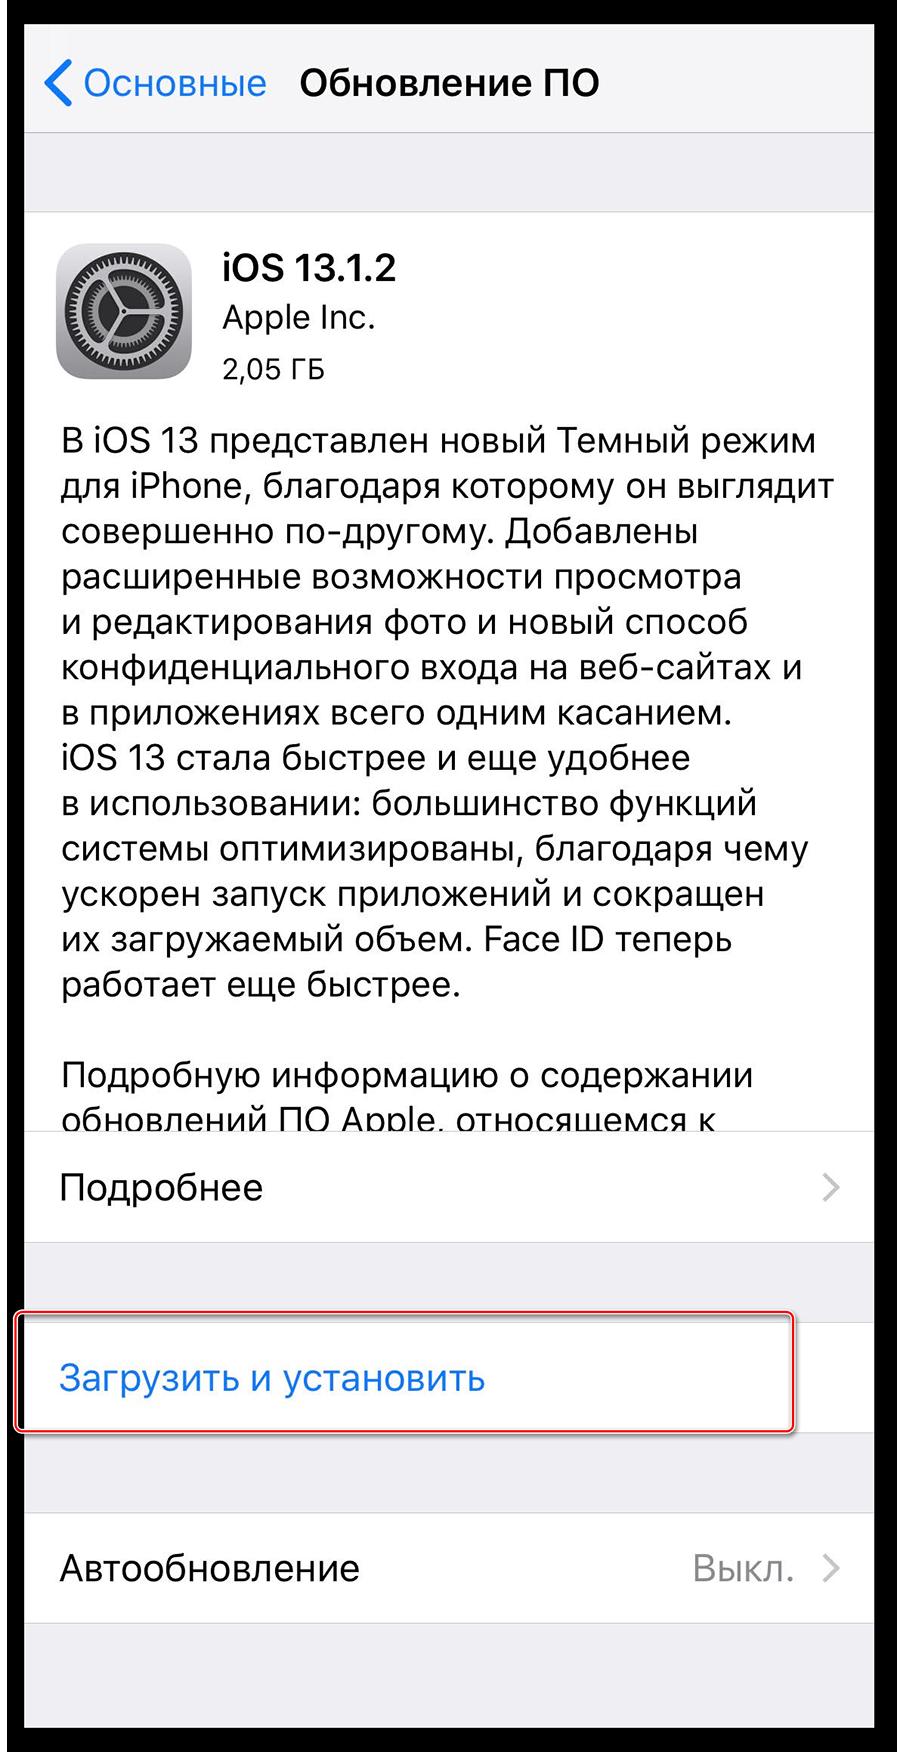 Обновление операционной системы в Айфоне